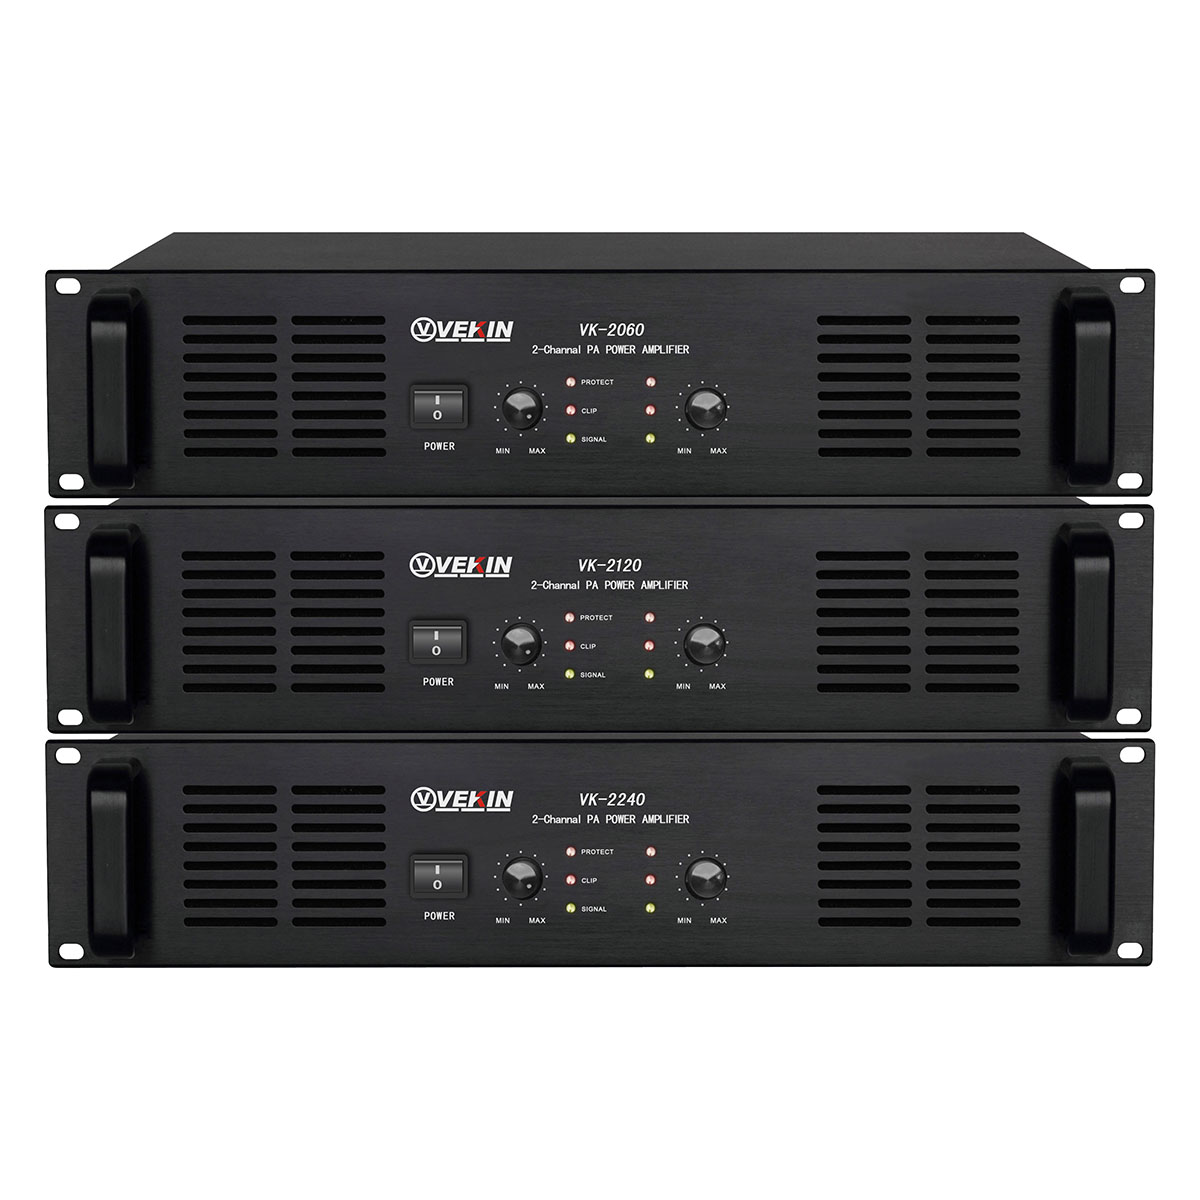 双通道纯后级广播功放 VK-2060 VK-2120 VK-2240 VK-2360